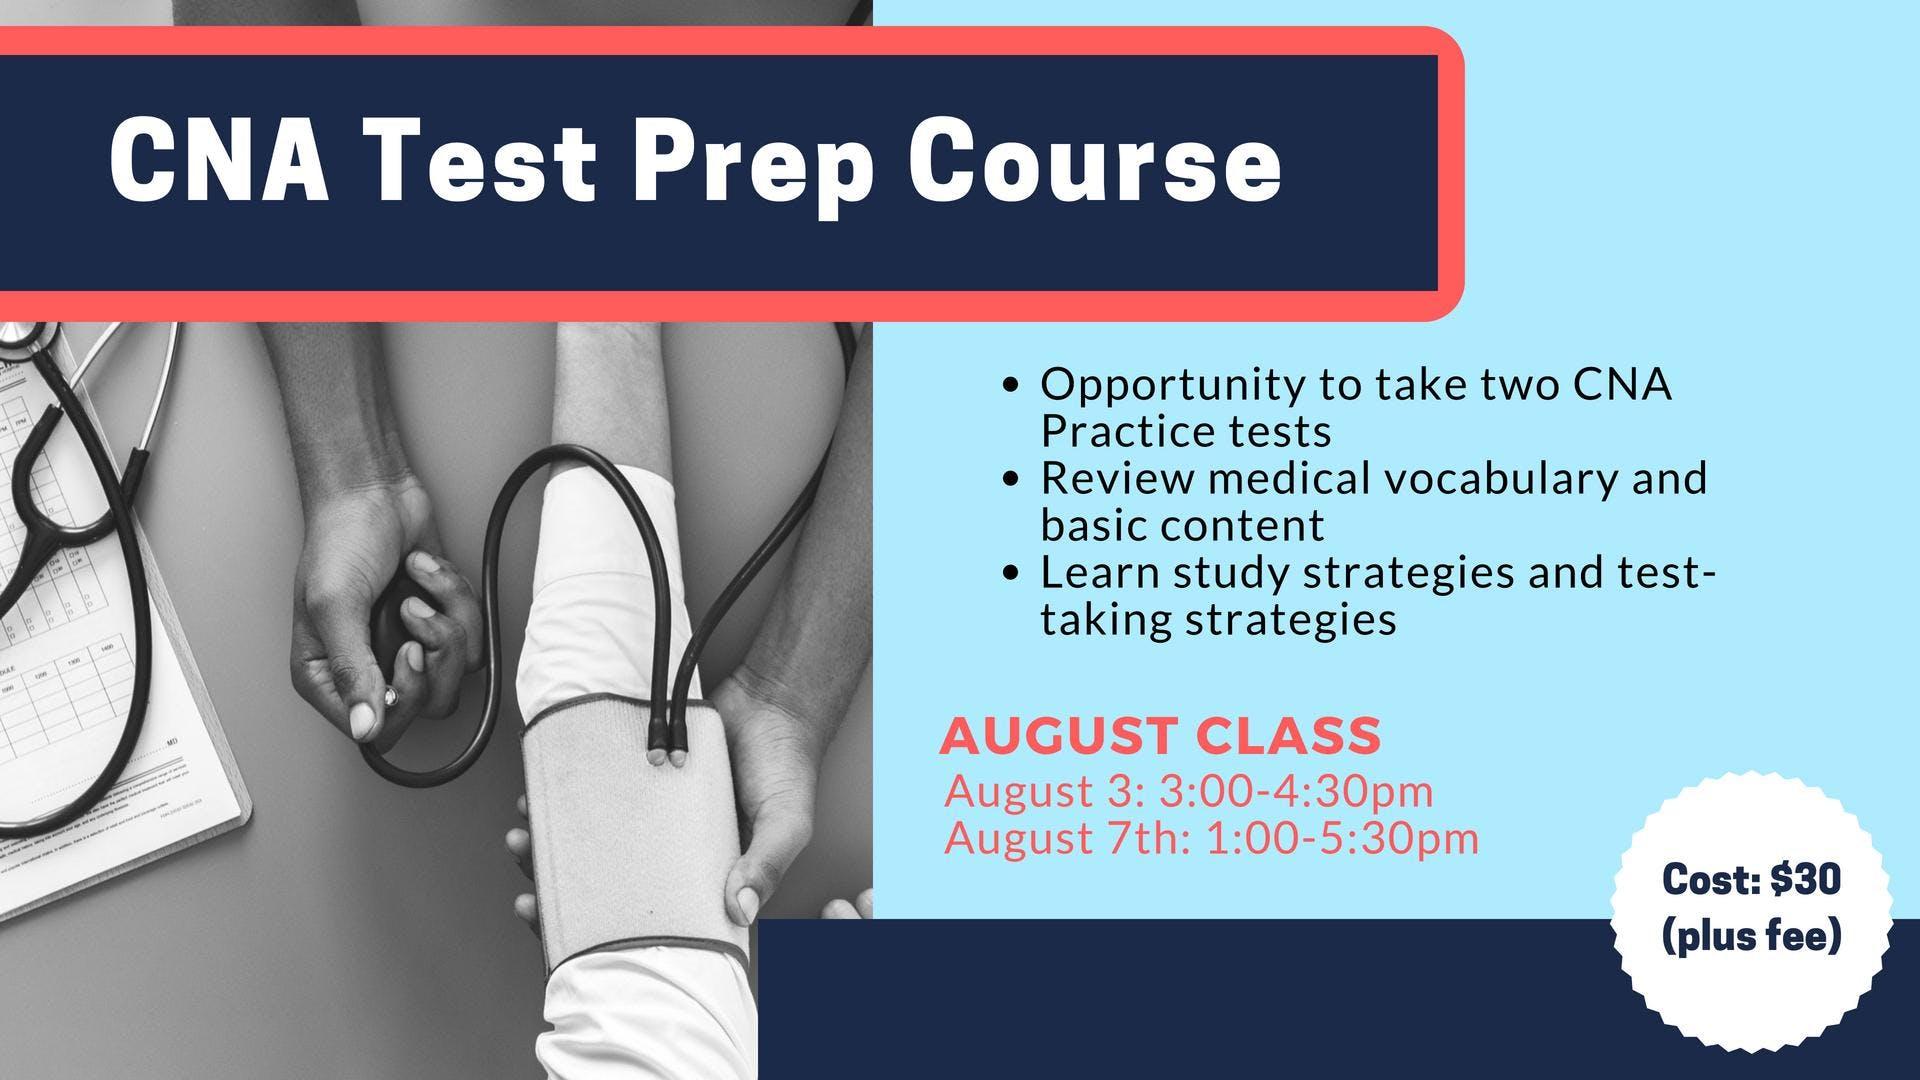 Cna Test Prep August 2018 At Methodist College Peoria